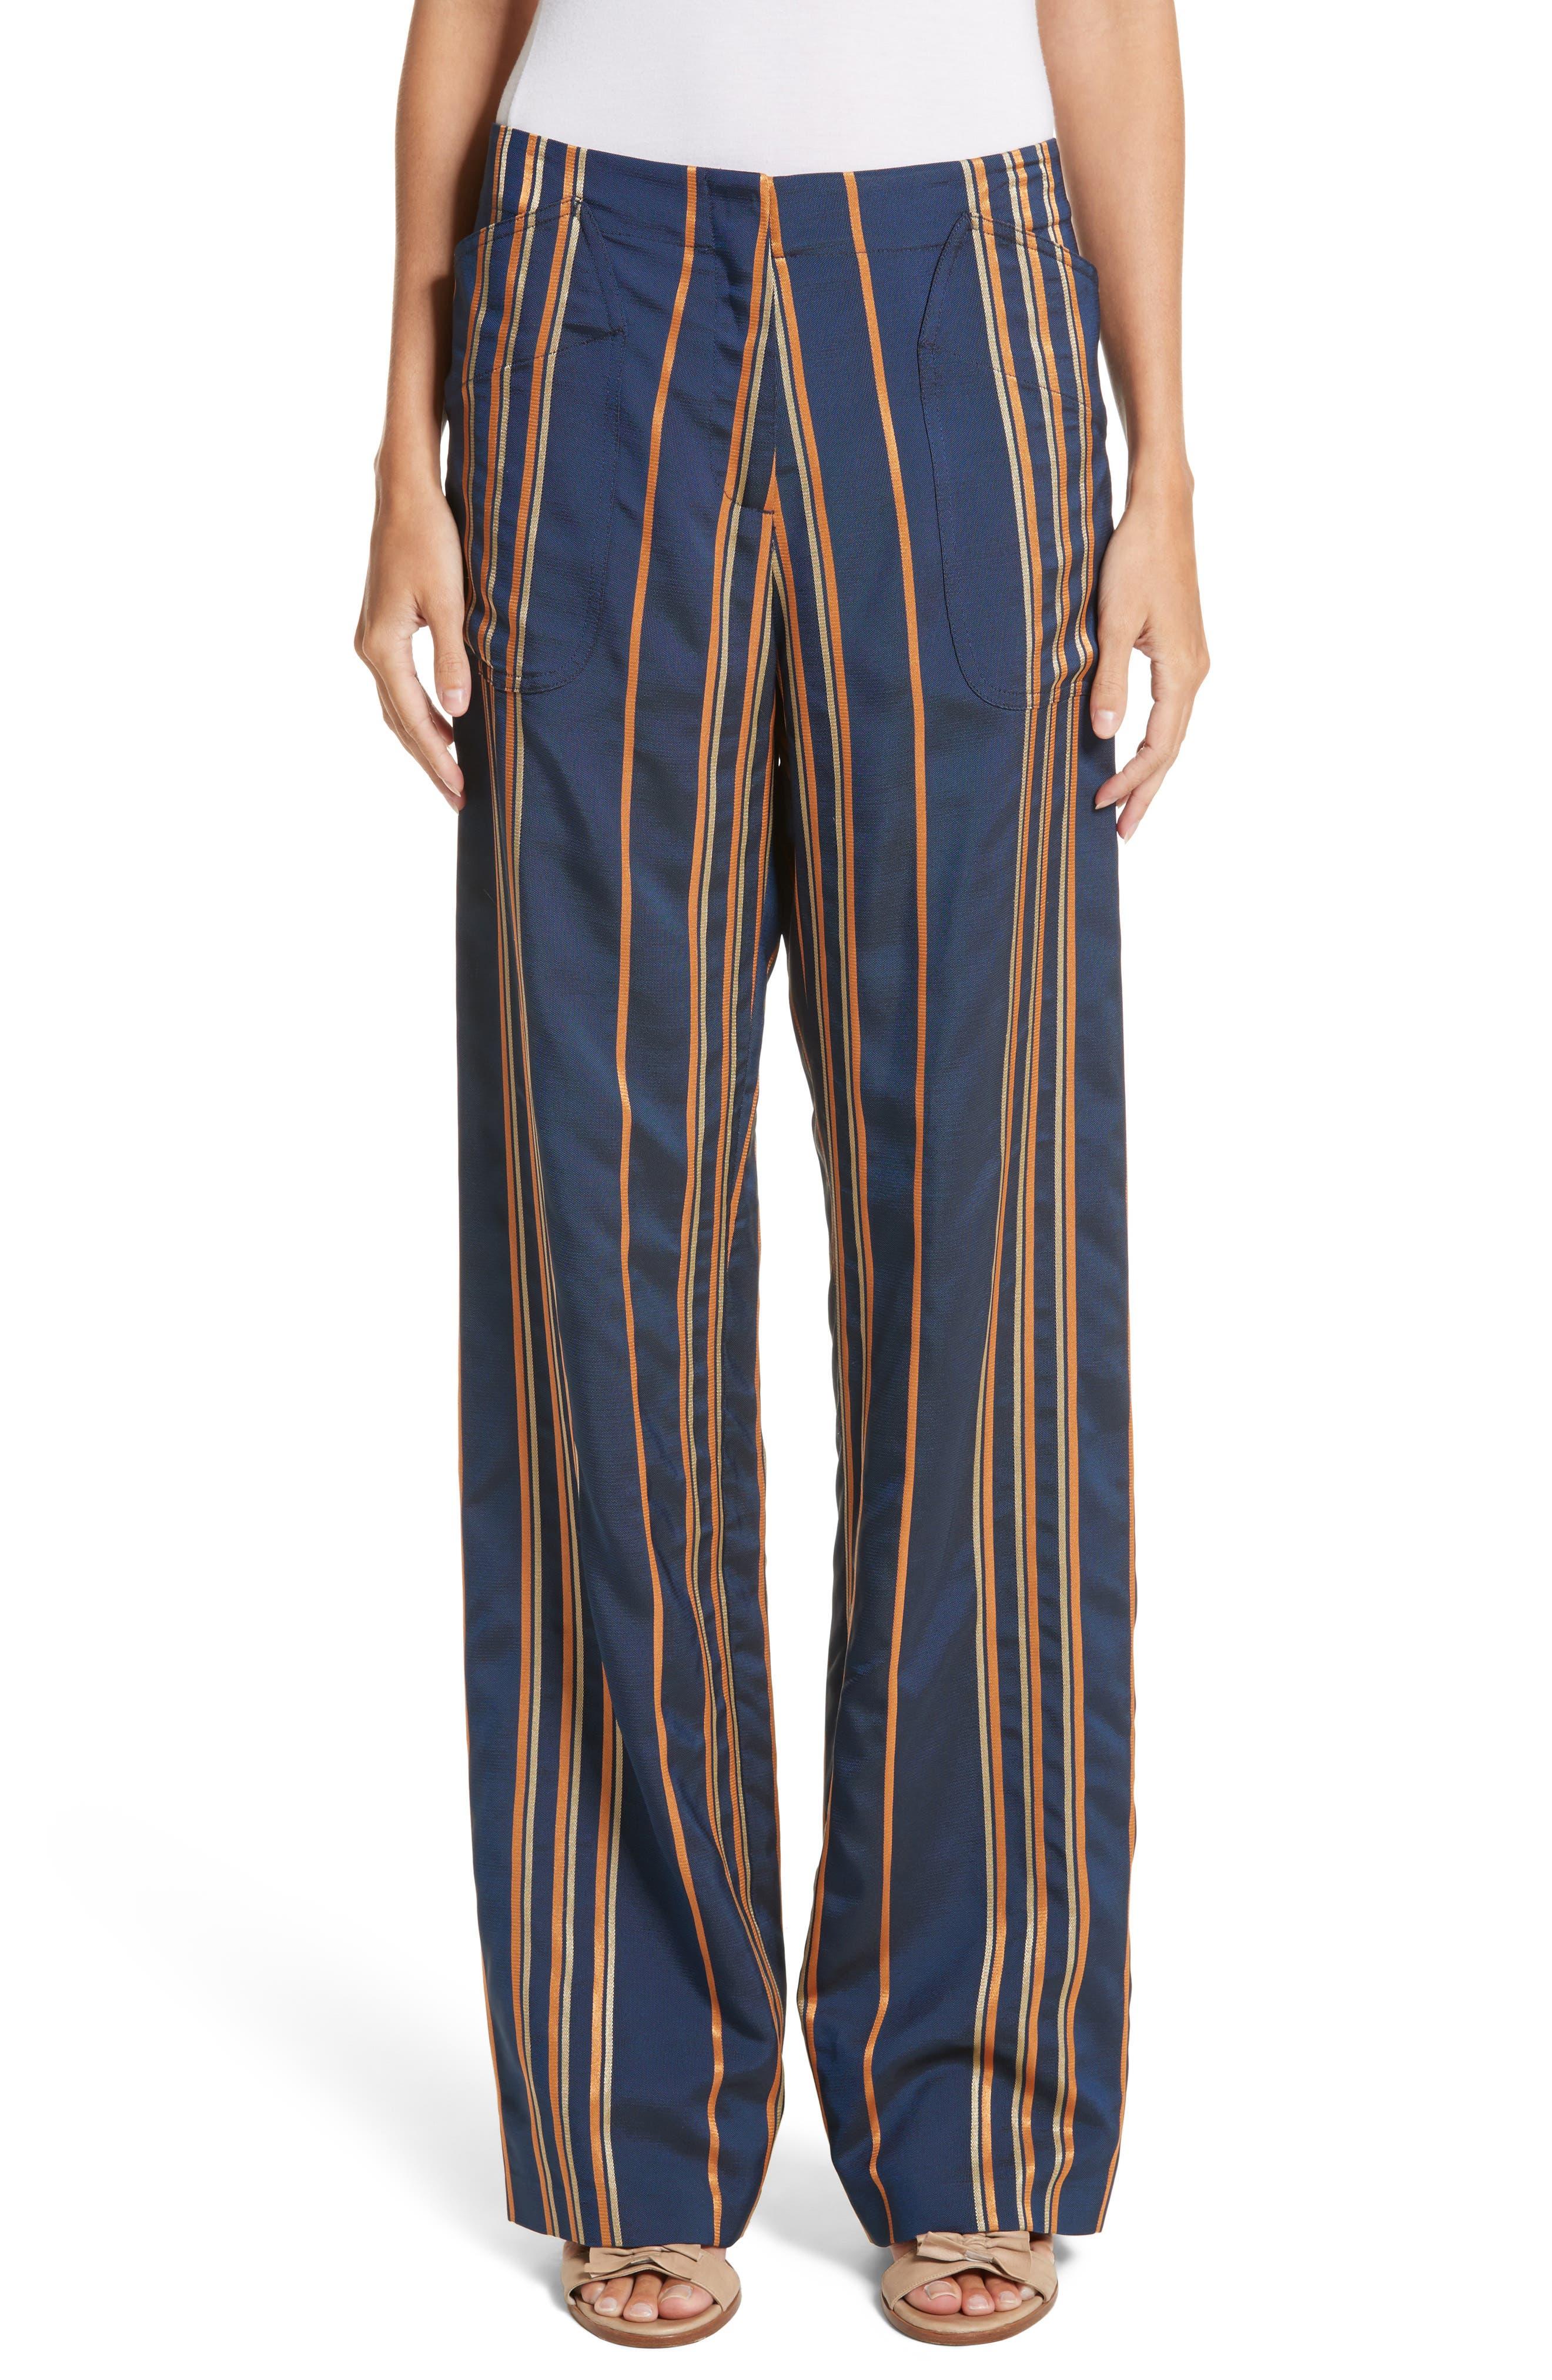 Alternate Image 1 Selected - Zero + Maria Cornejo Stripe Pants